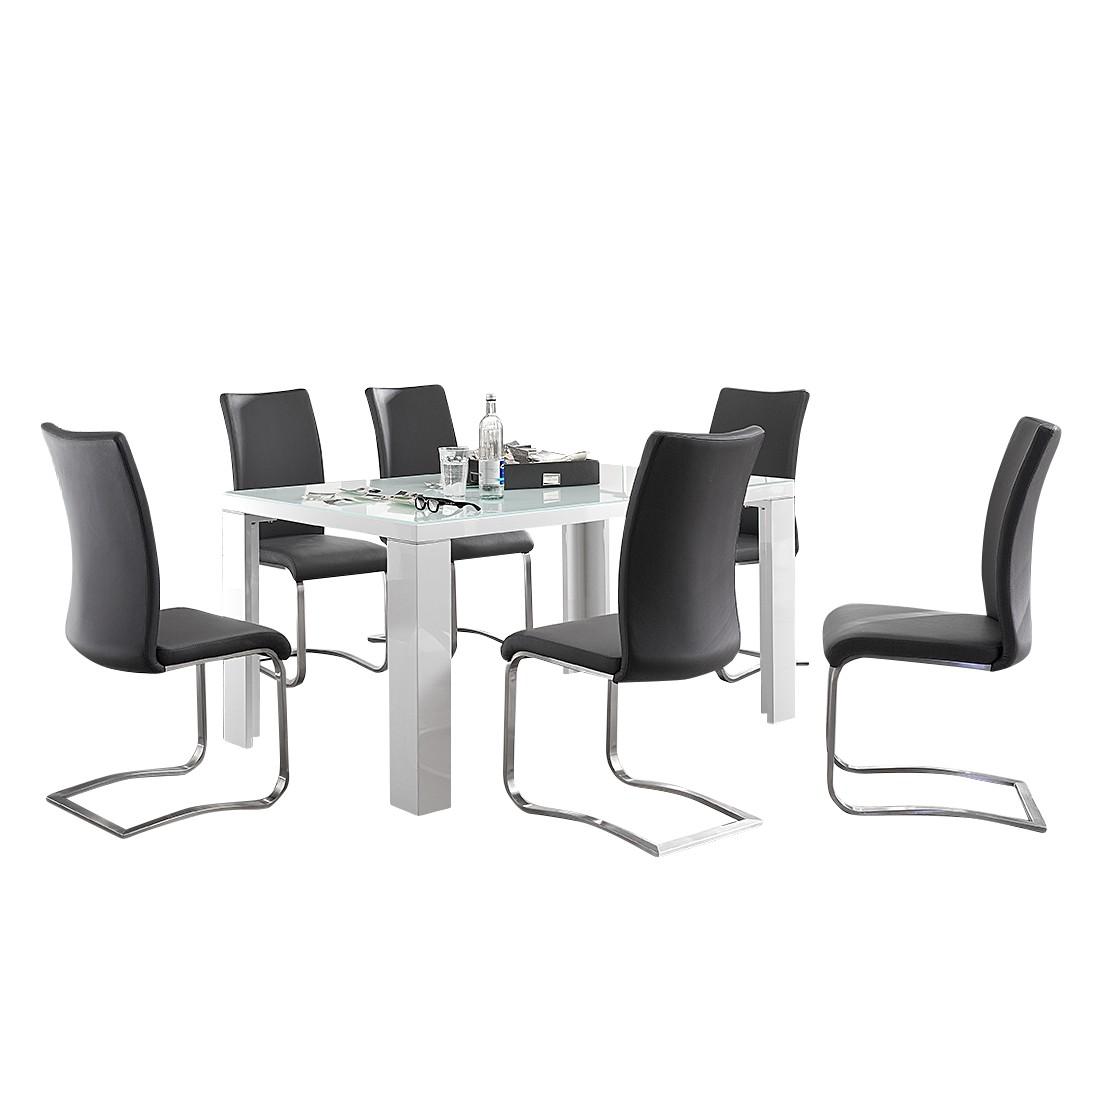 Home 24 - Ensemble de salle à manger esther (7 éléments) - blanc brillant - cuir synthétique gris, bellinzona